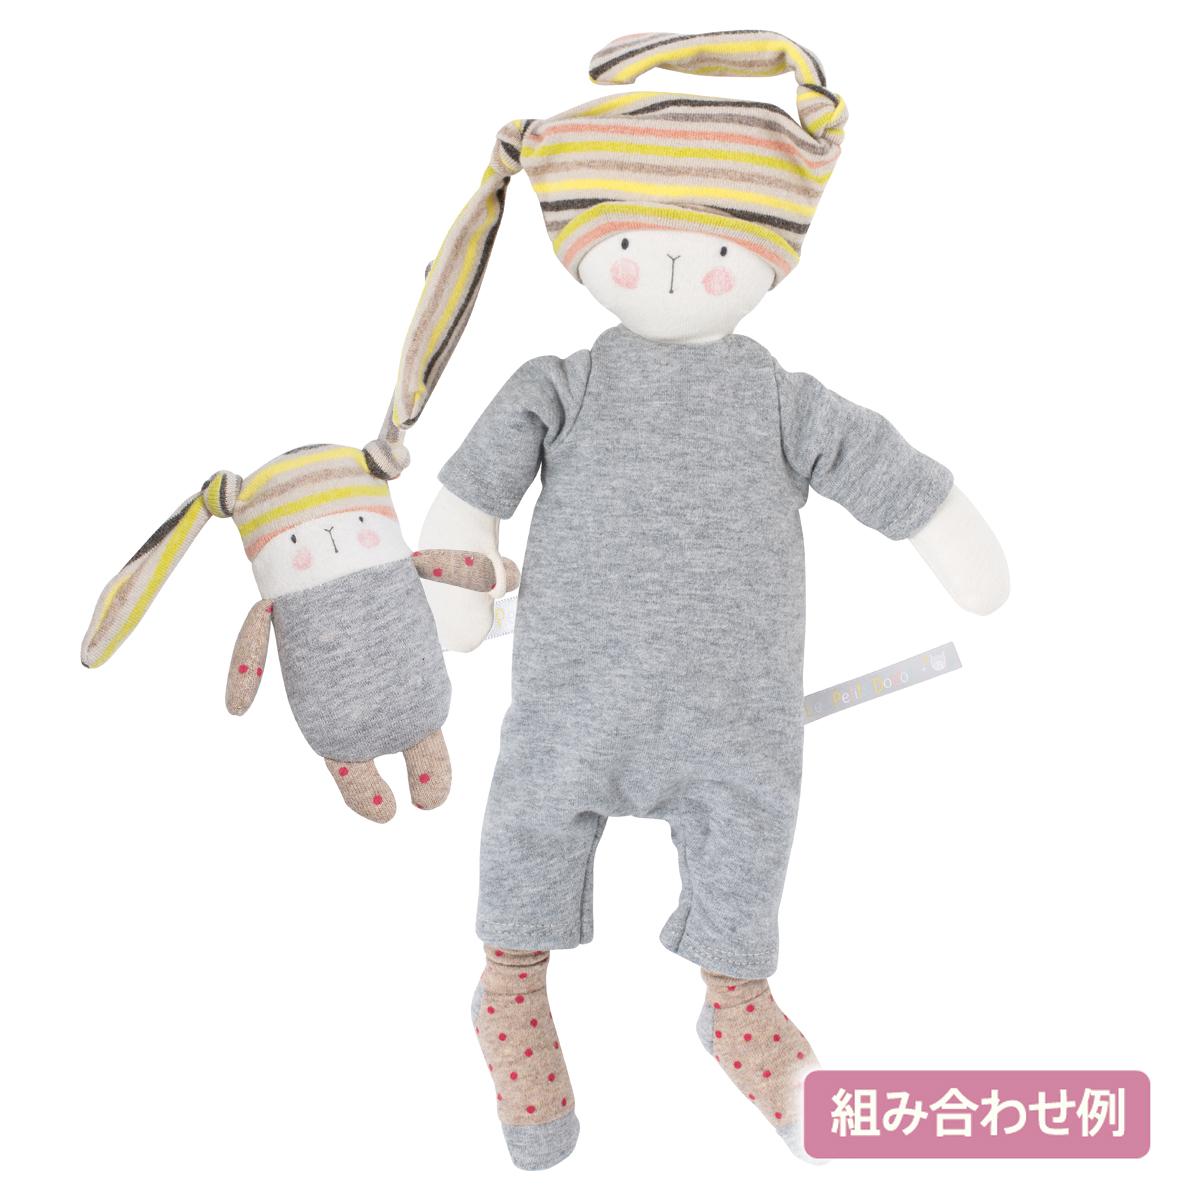 「プティ・ドゥードゥー」抱き人形しましま帽子の妖精